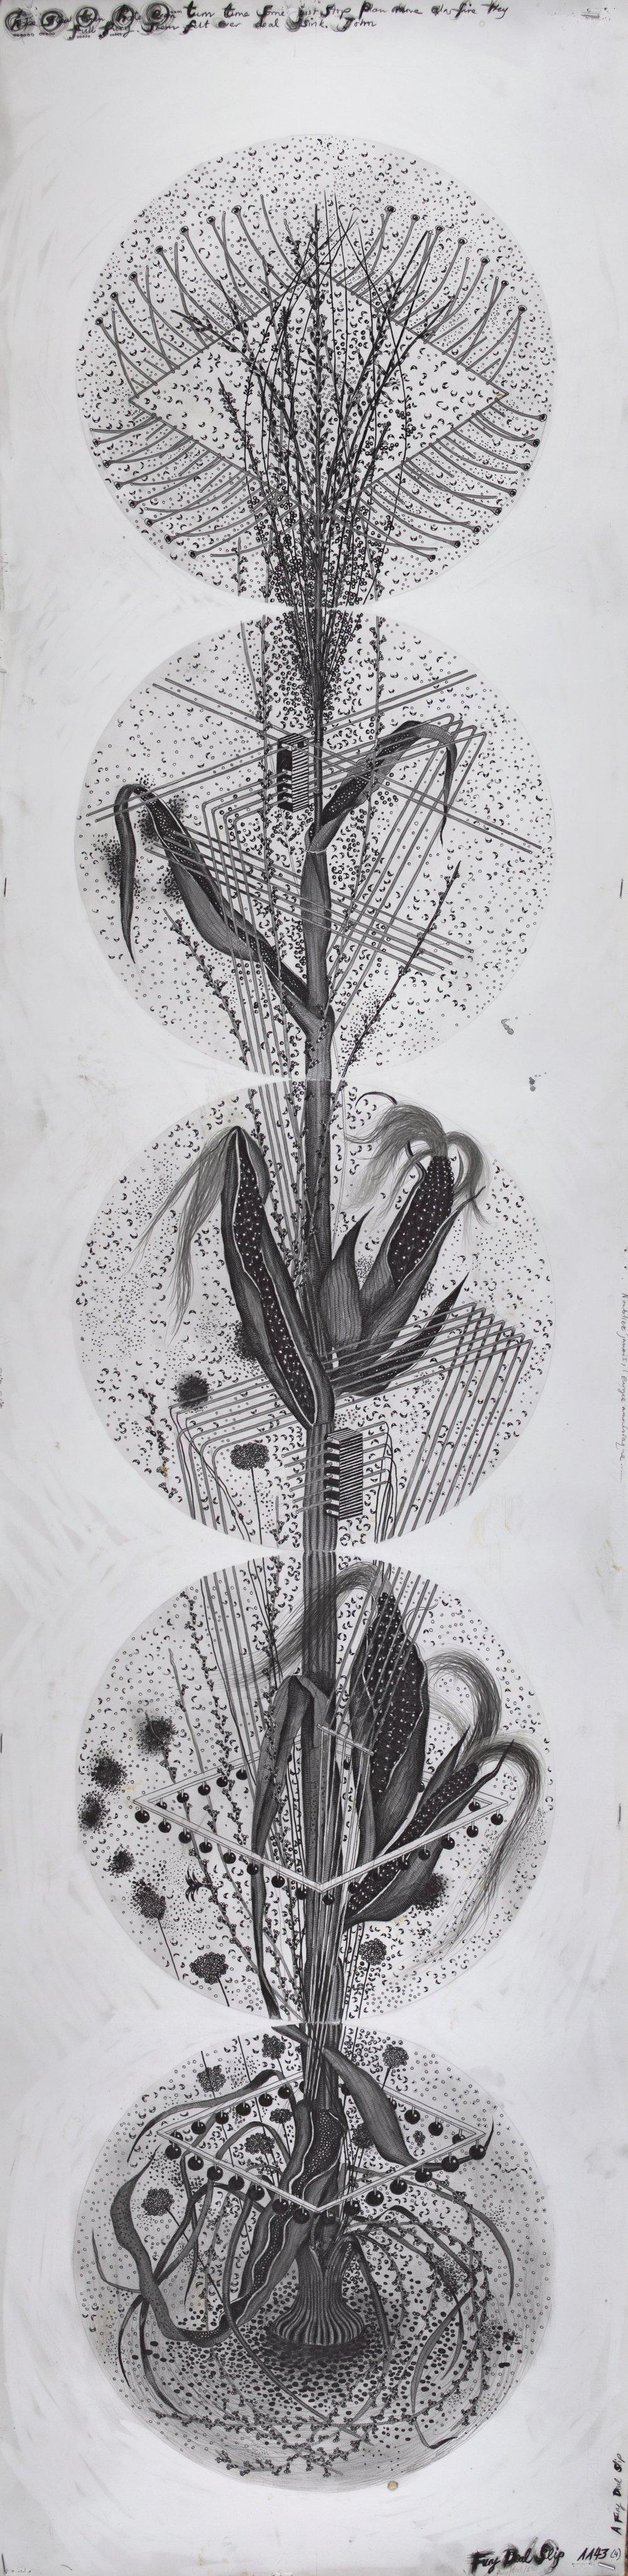 """© Hipkiss, """"1143 - Instar 4"""", 165x40 cm, mine de plomb, encre argentée et feuille d'or blanc sur papier Fabriano 4, 2018, Courtesy Galerie C"""